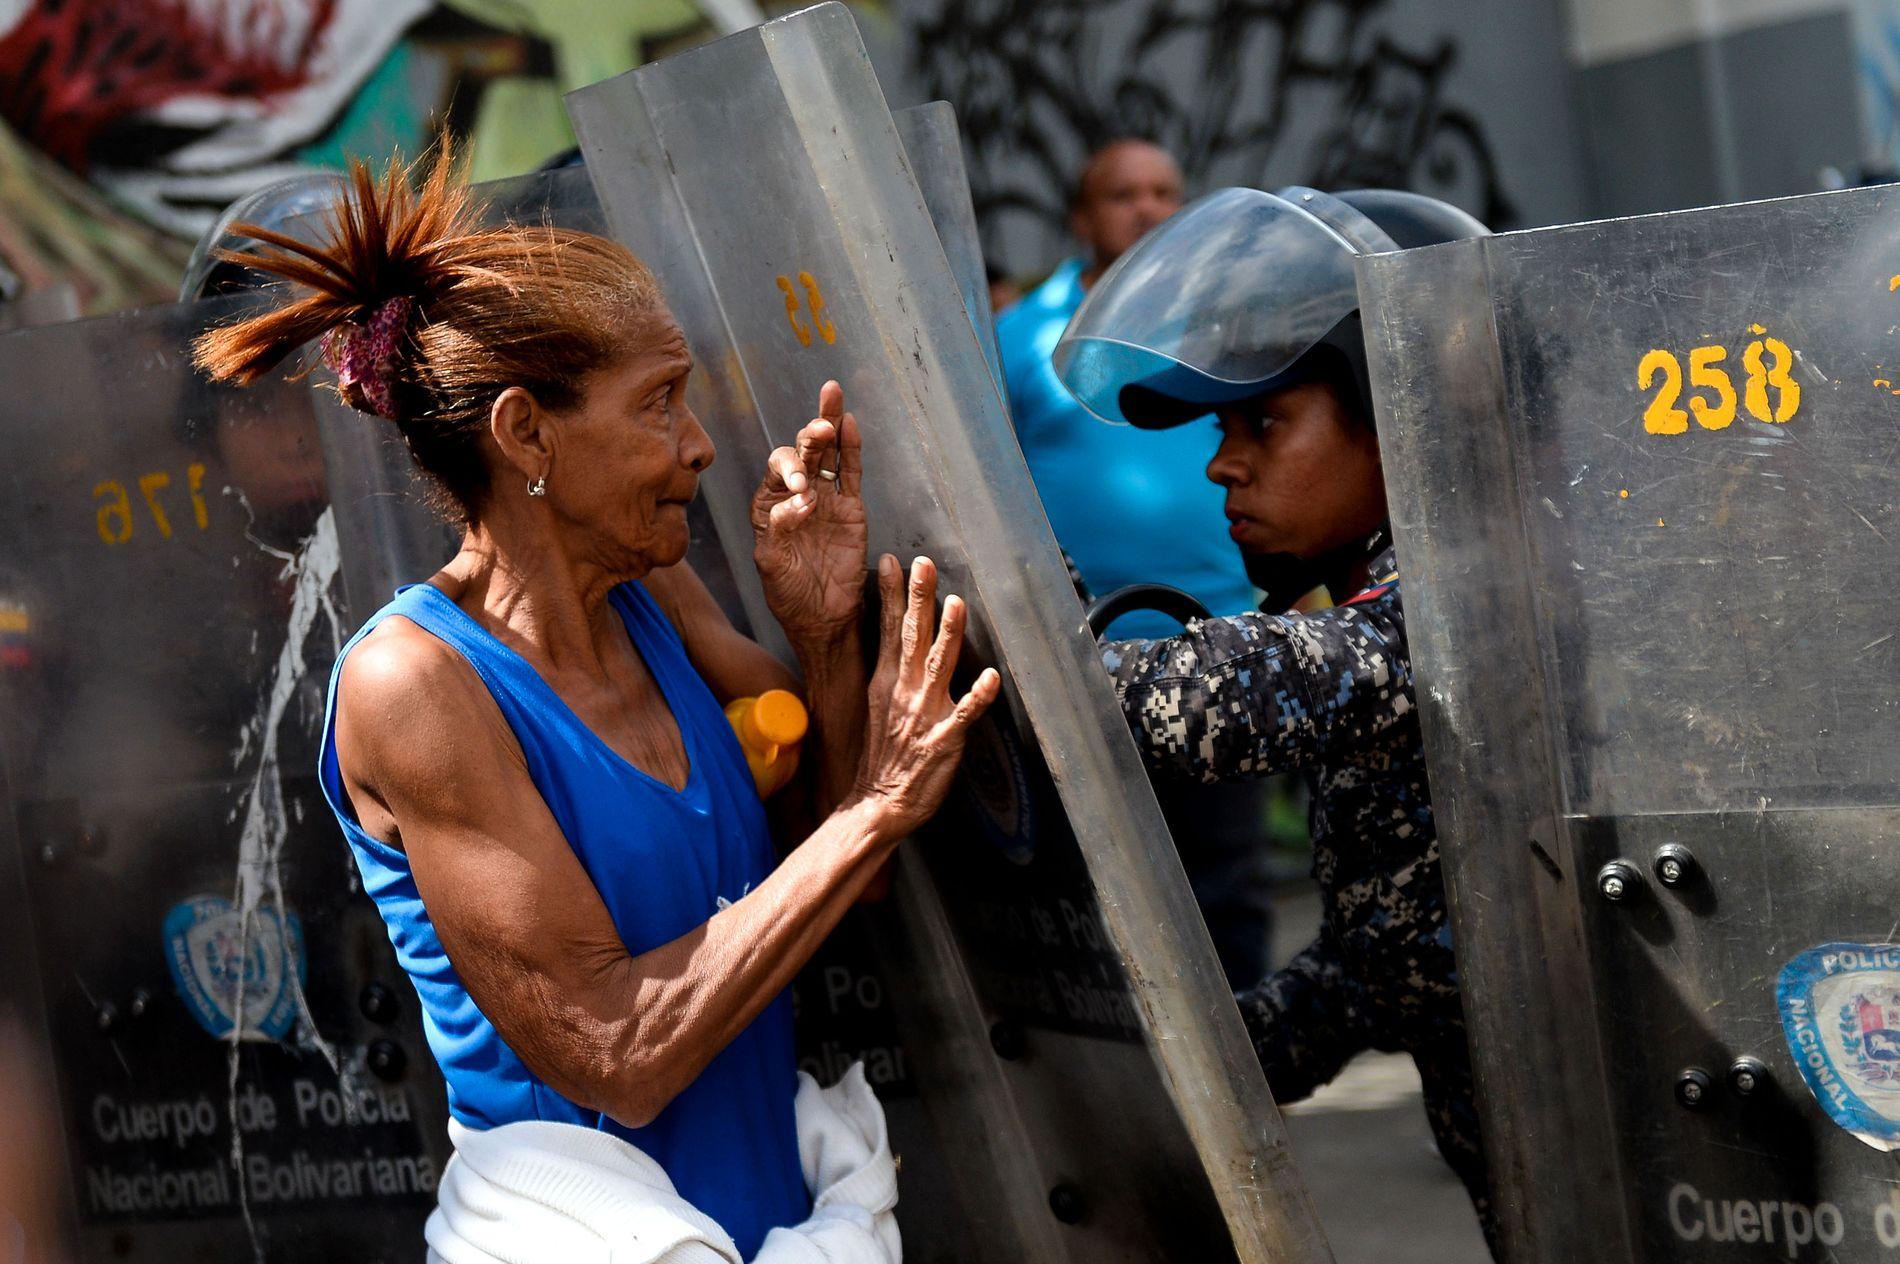 Det koster mye å stå opp mot de autoritære myndighetene i Venezuela. Nå rømmer stadig flere vekk fra det brutale regimet.